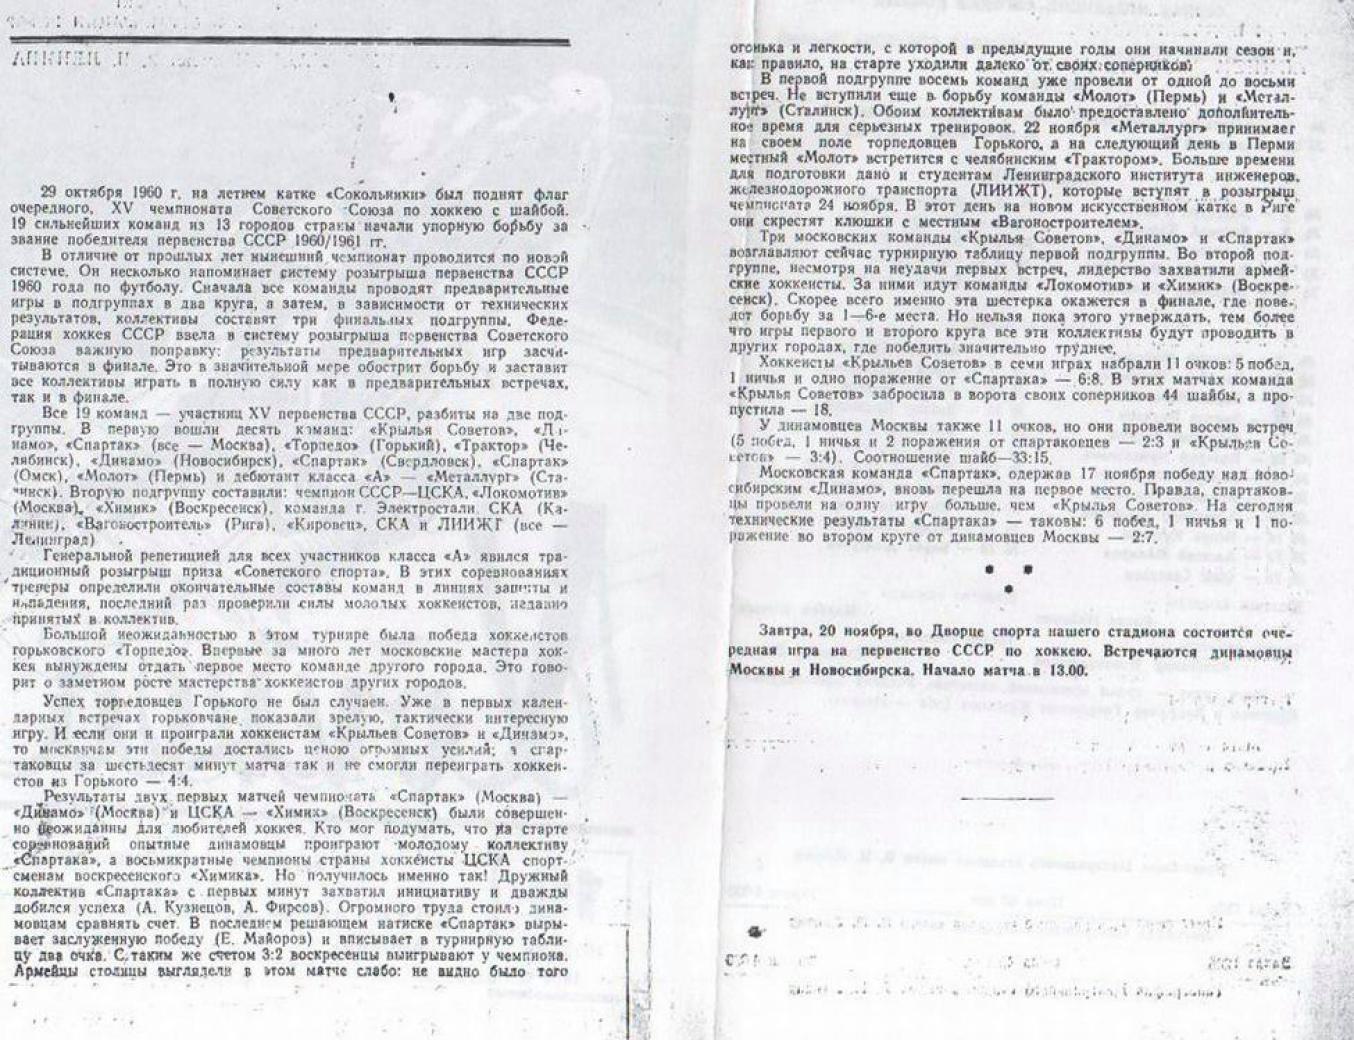 1960.11.19. Спартак - Крылья Советов (Чм. СССР)_02.png